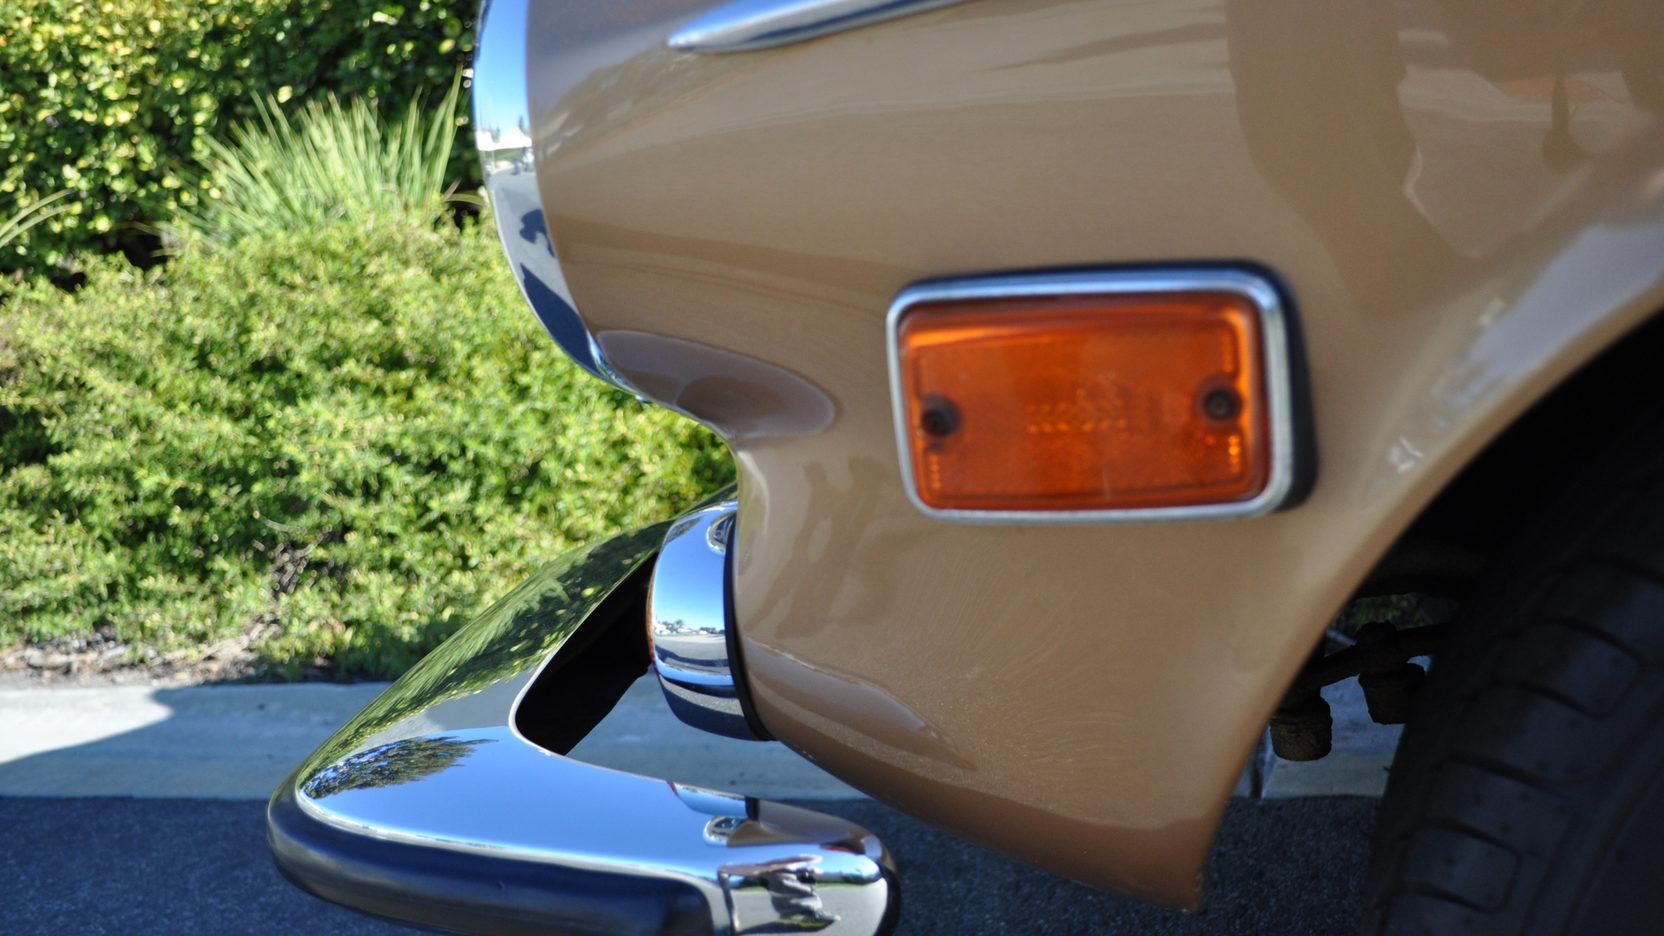 1973 Volvo 1800ES wagon front bumper detail